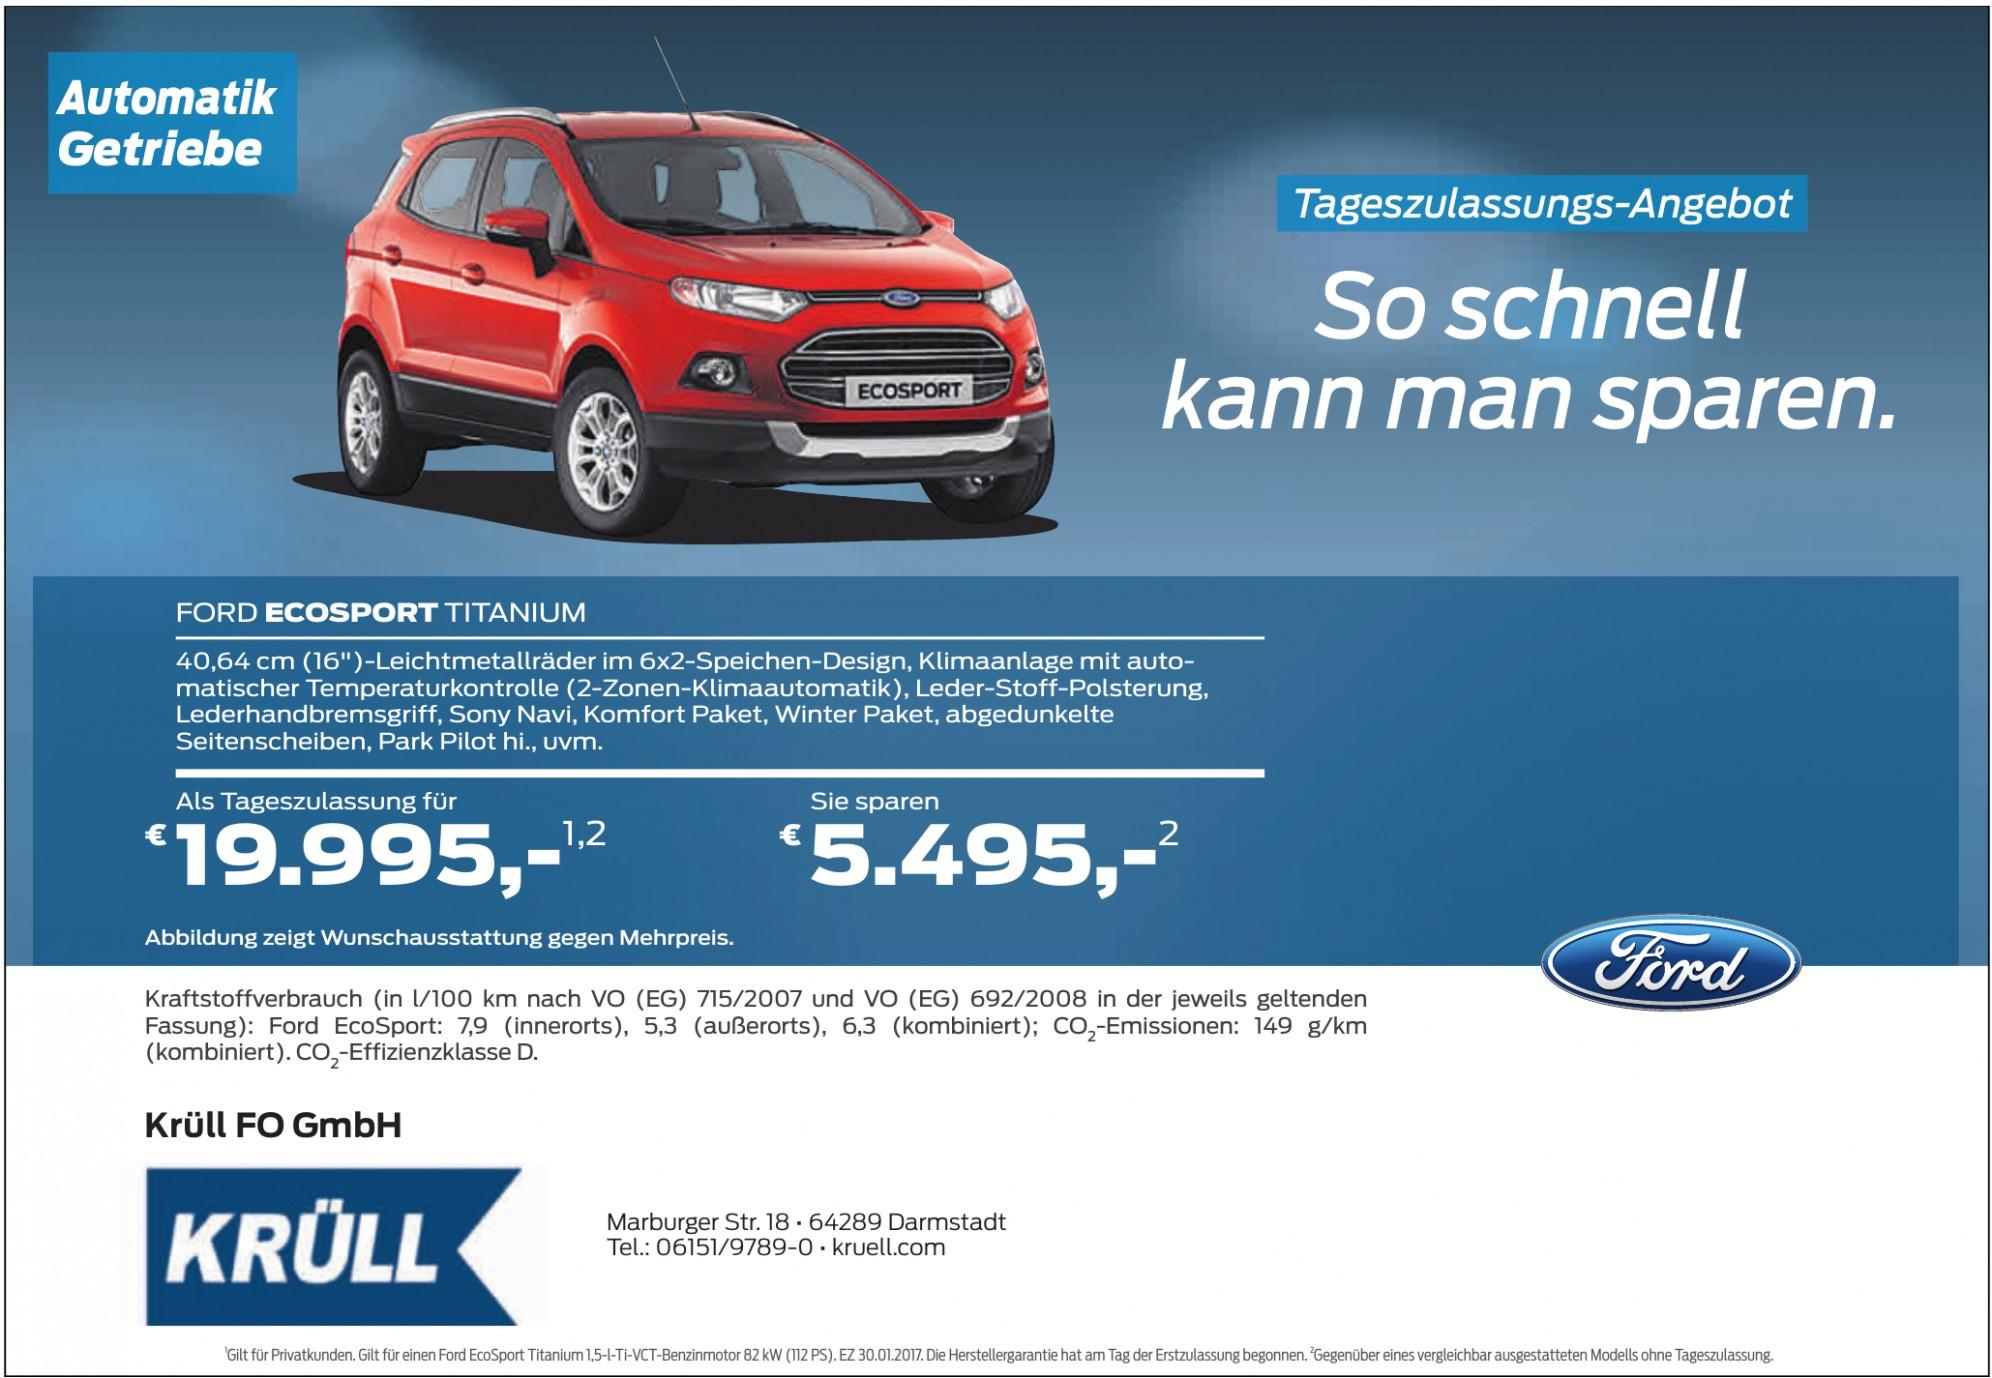 Krüll FO GmbH